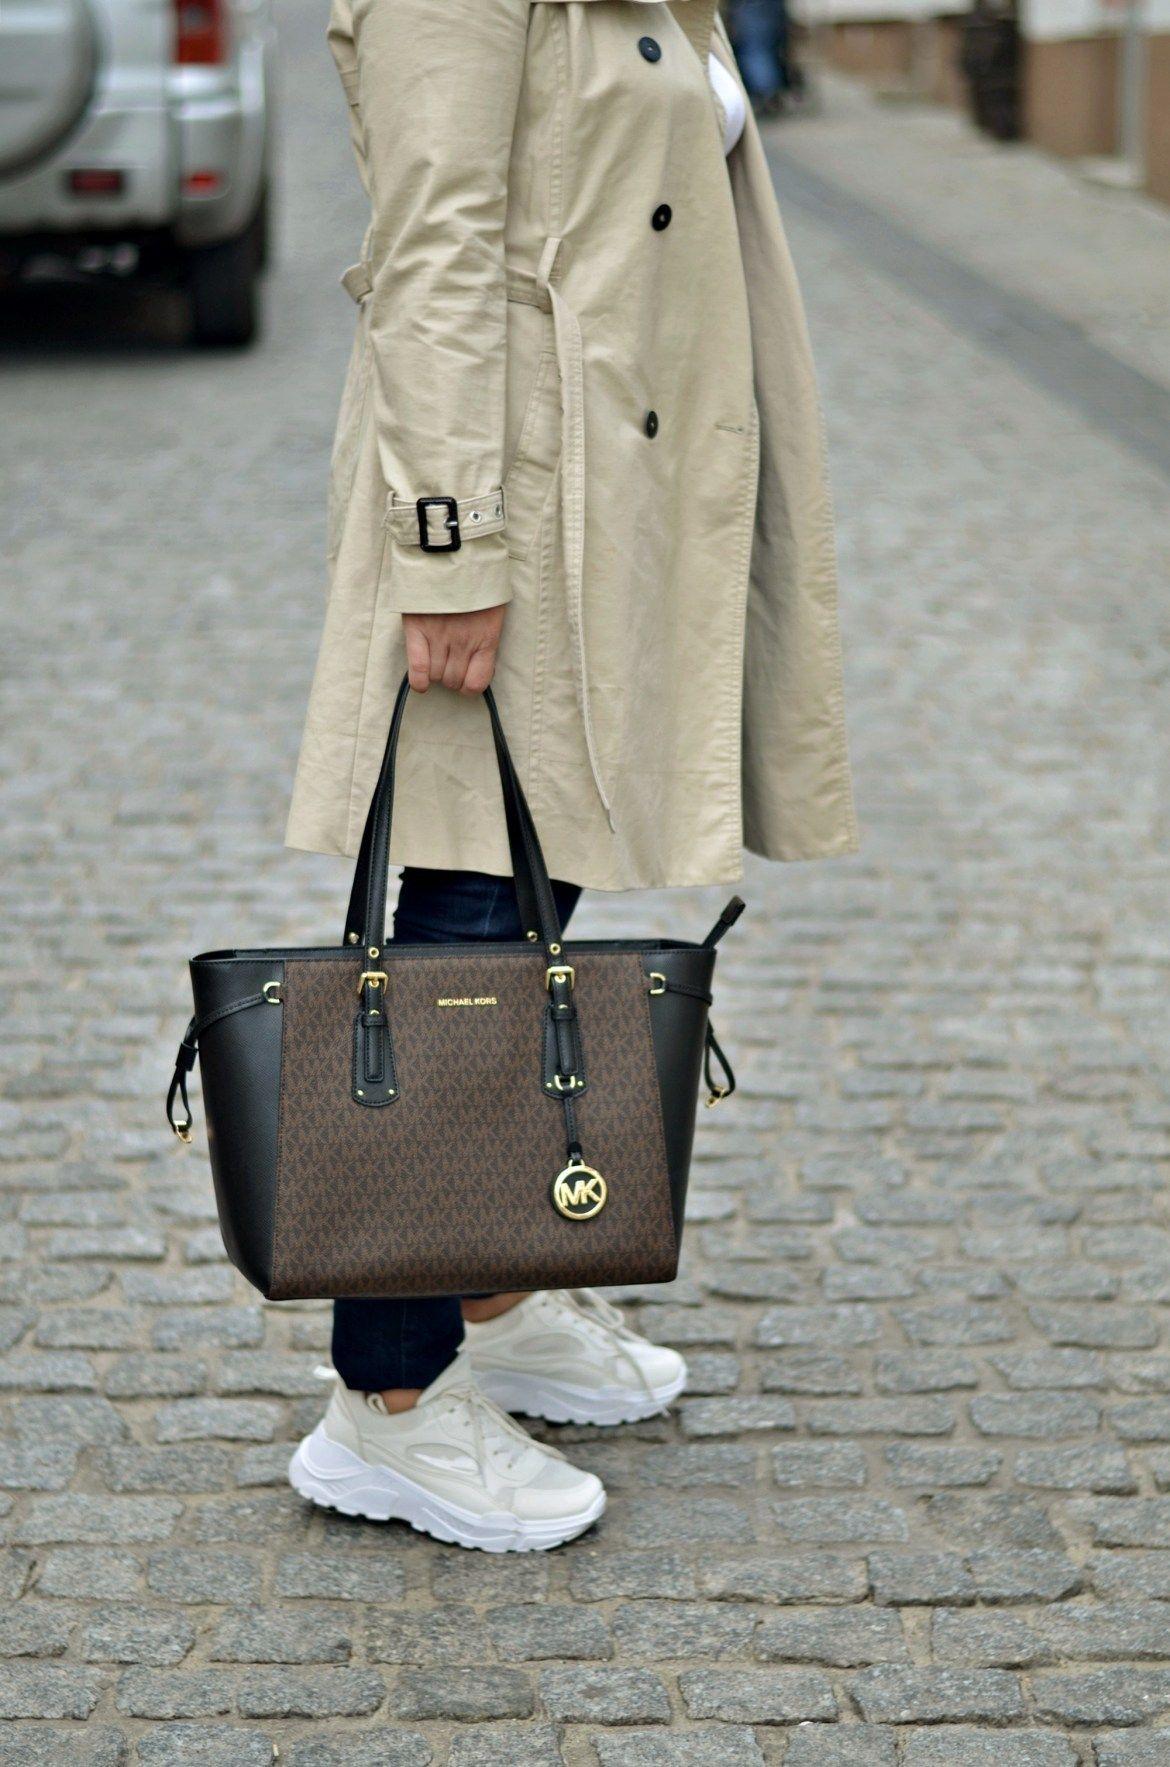 Sportowe Buty Typu Sneakers W Stylizacji Z Trenczem Sylwetta Coach Swagger Bag Coach Swagger Hermes Birkin